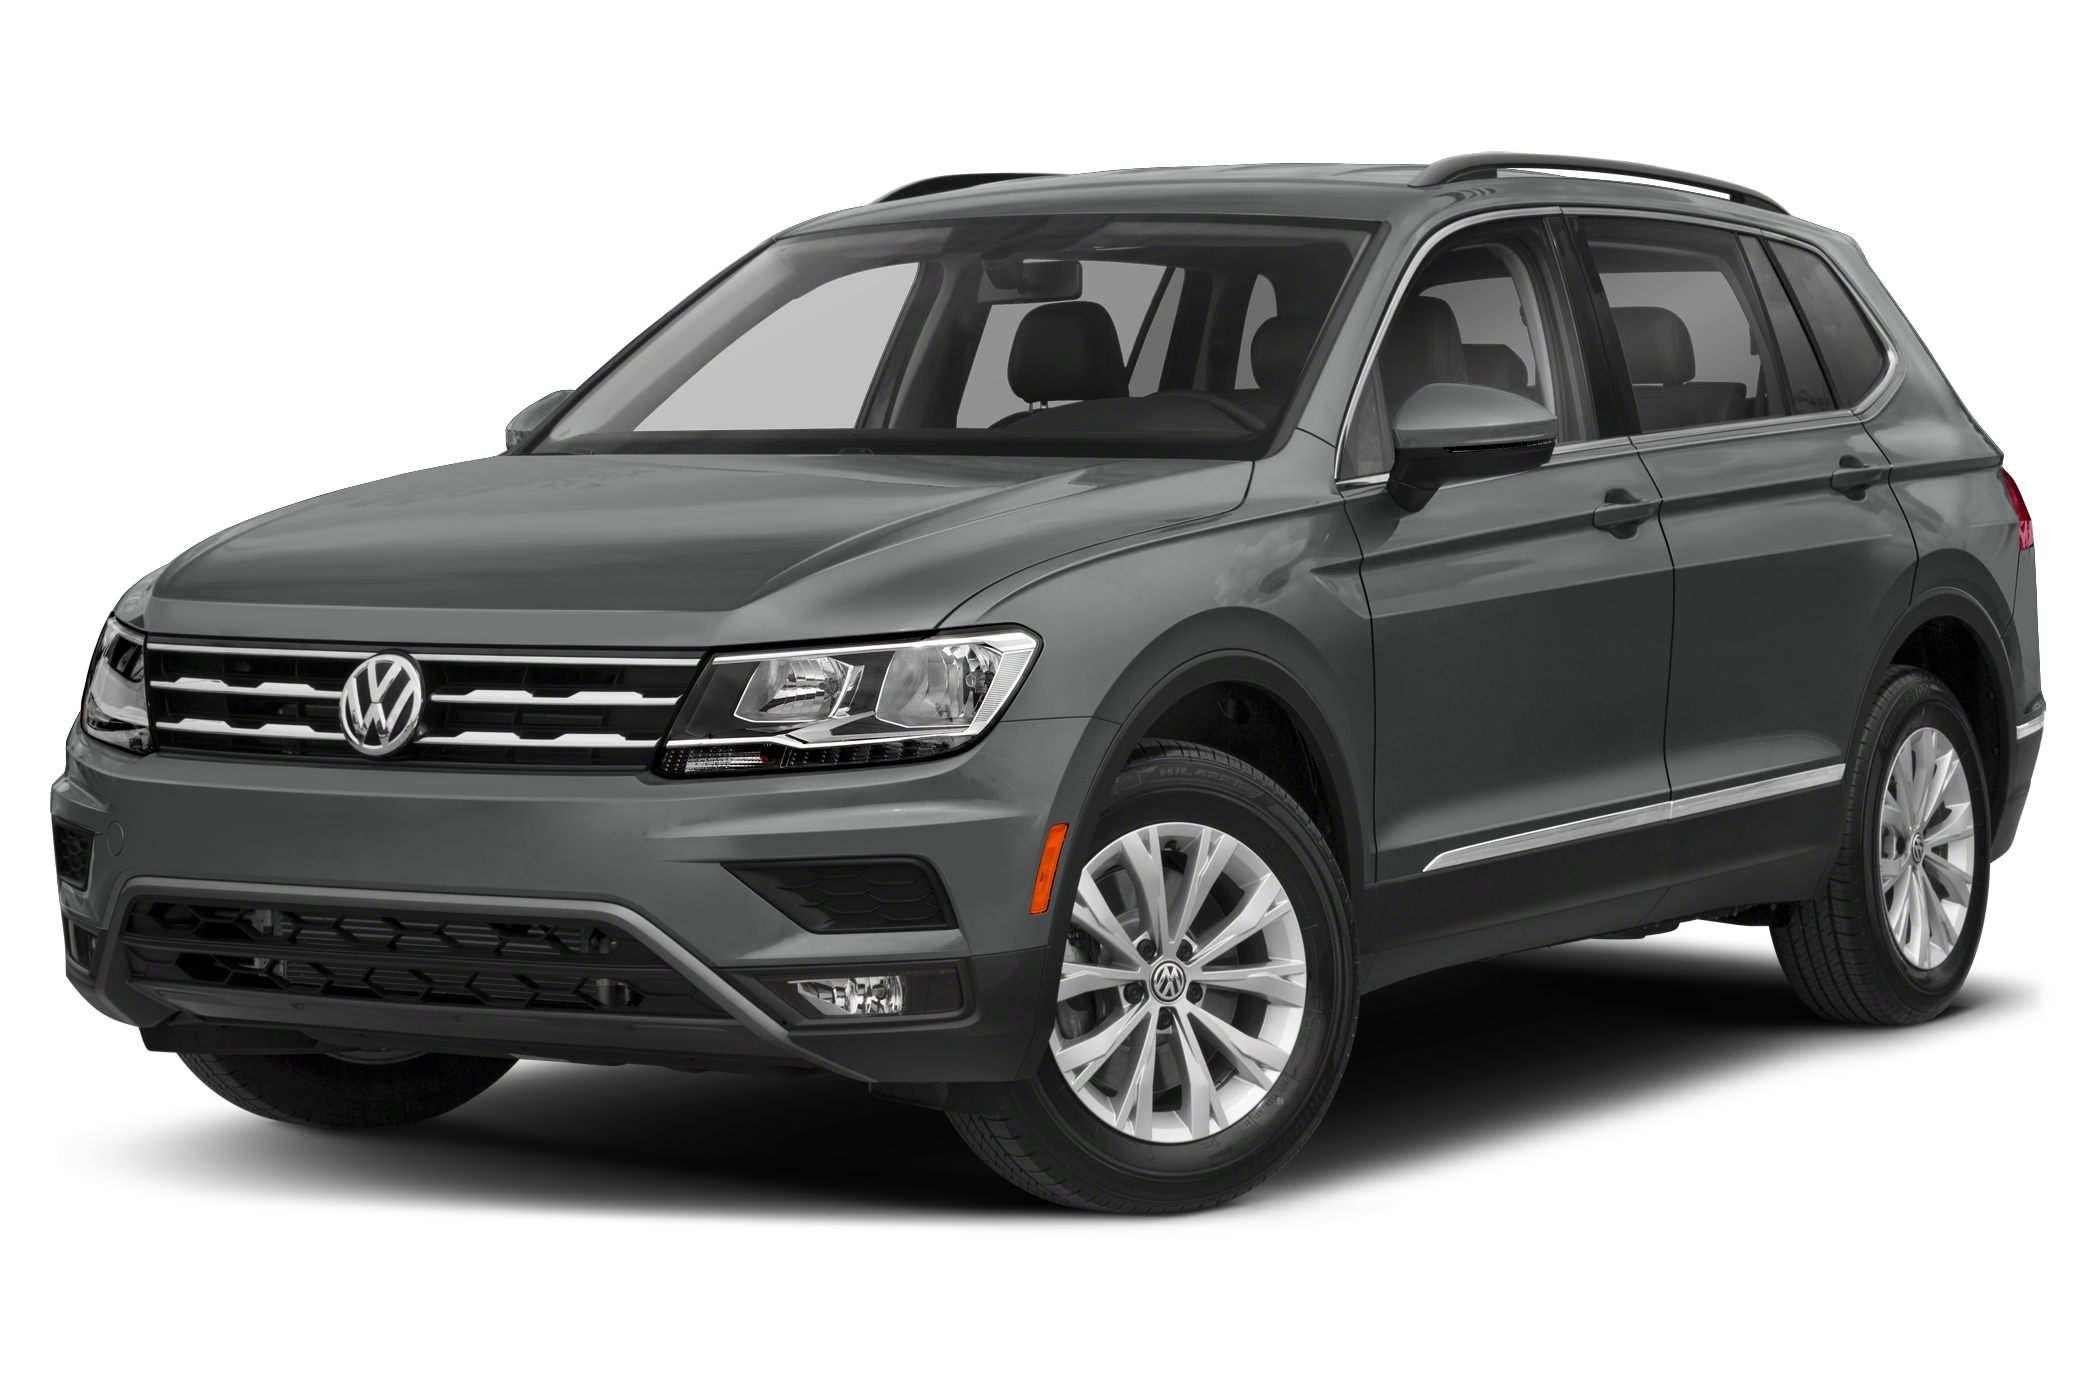 75 Gallery of 2019 Volkswagen Tiguan Specs with 2019 Volkswagen Tiguan